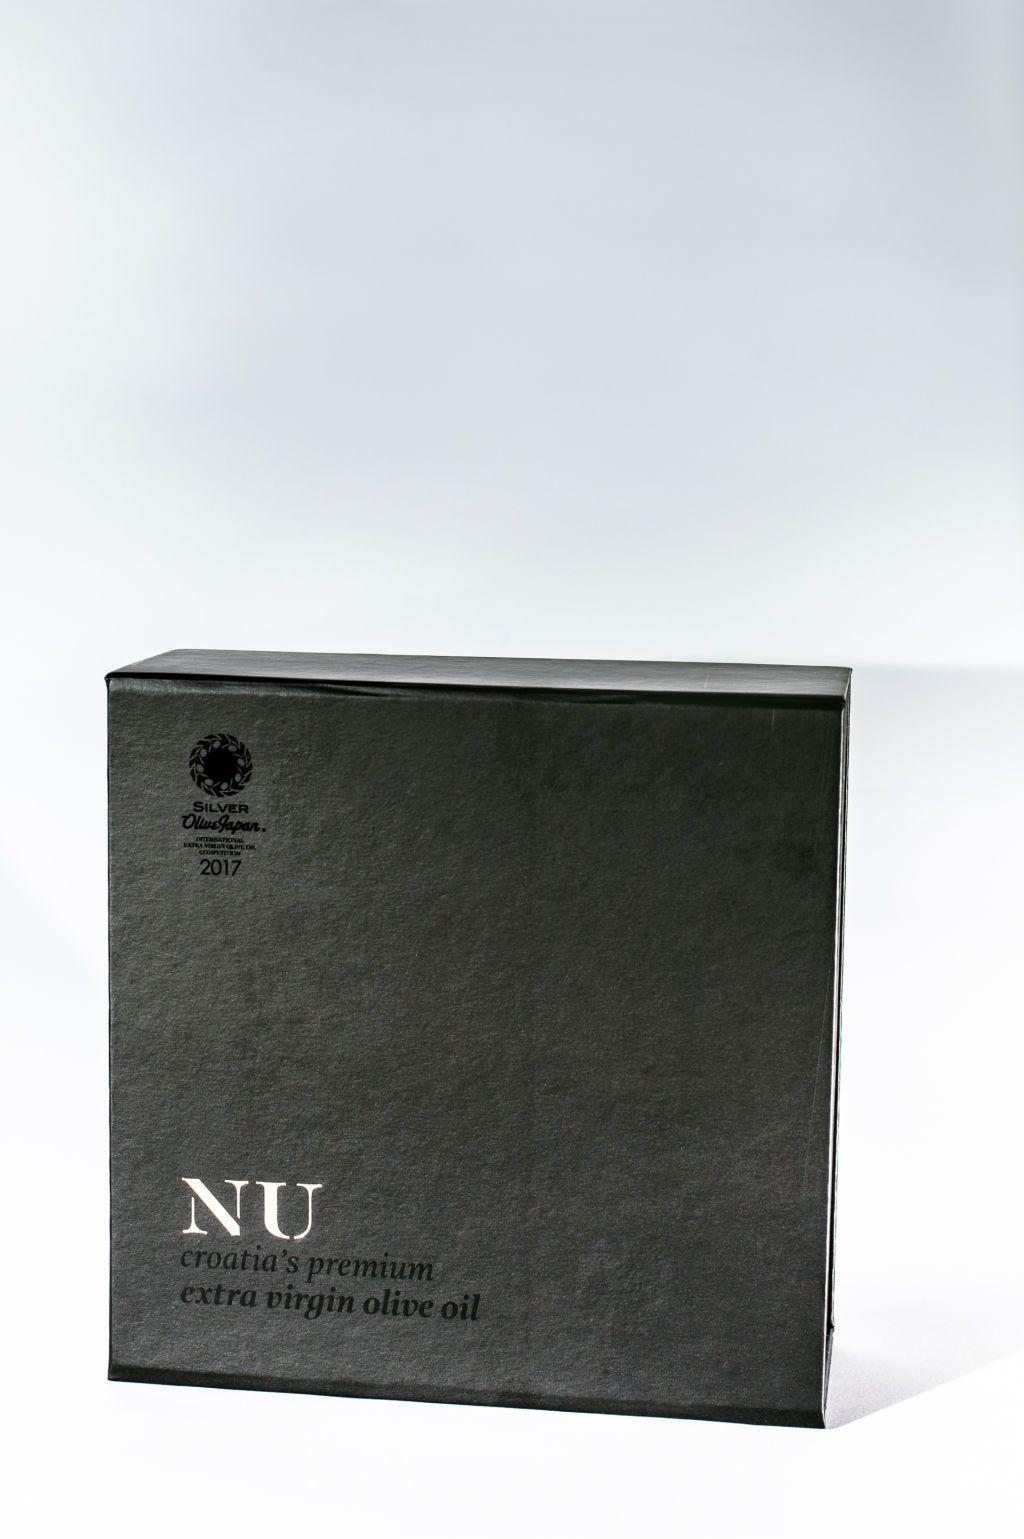 NU ulje - 6